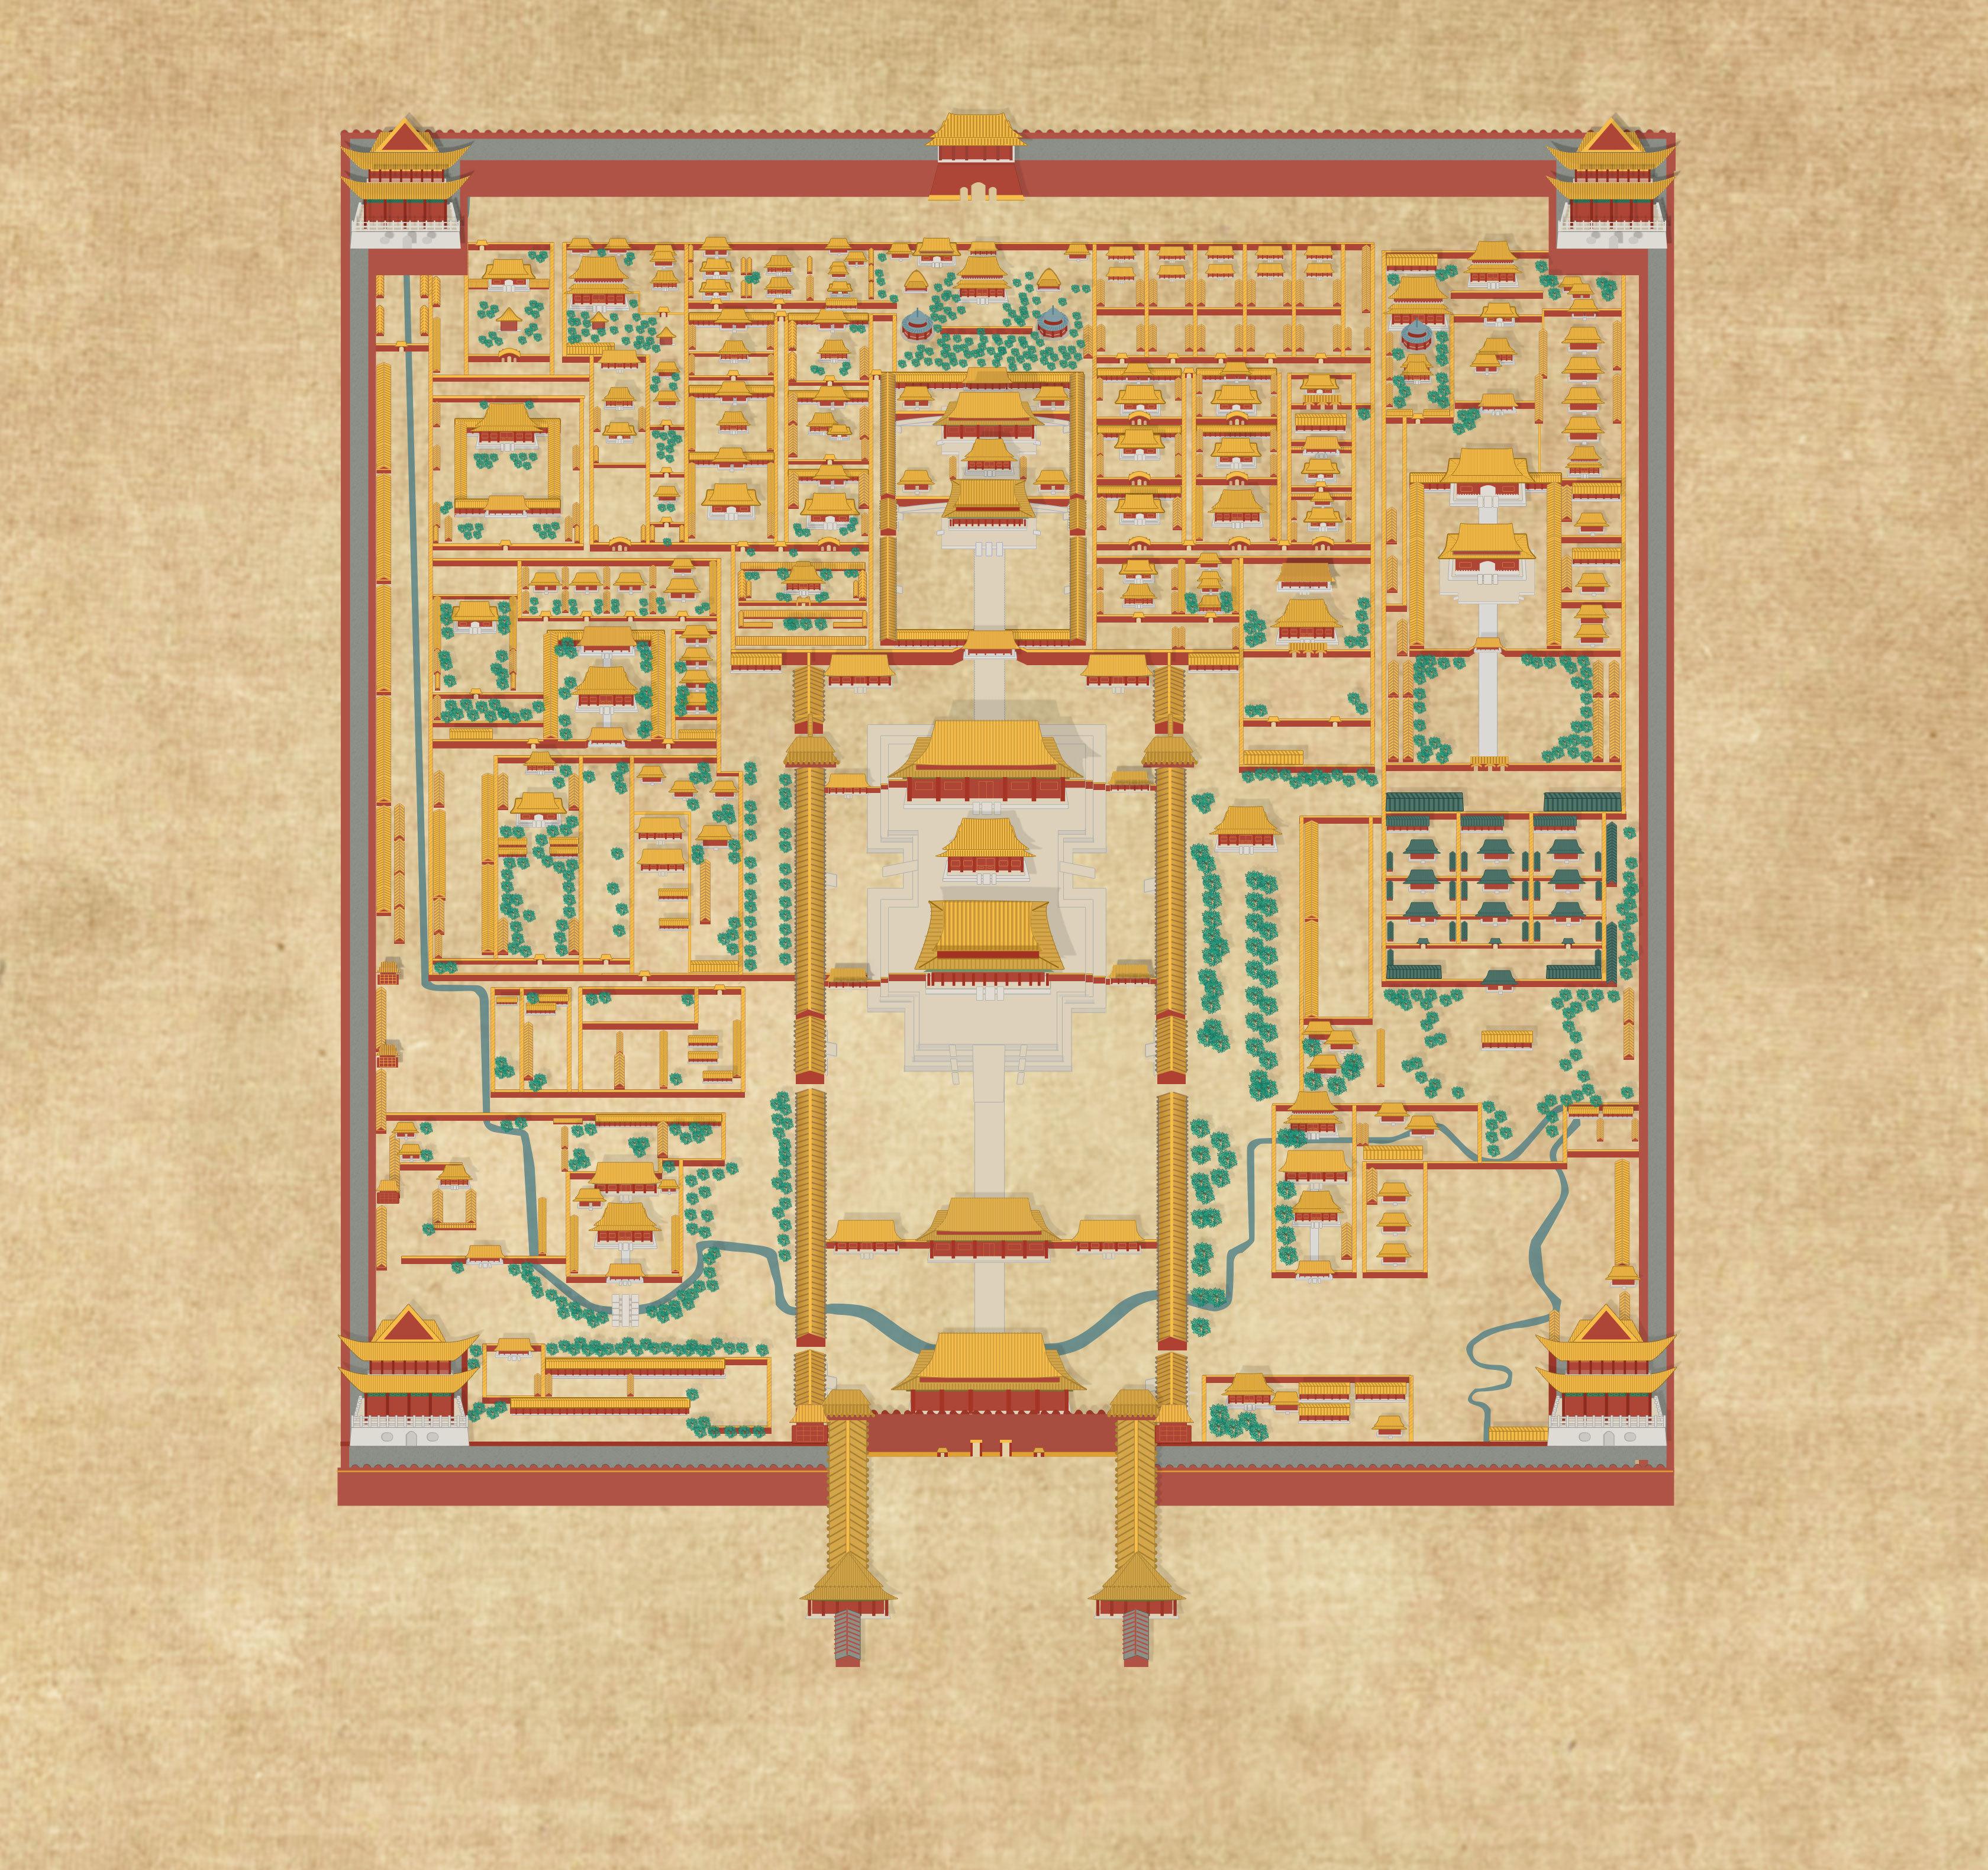 故宫手绘景区导览图